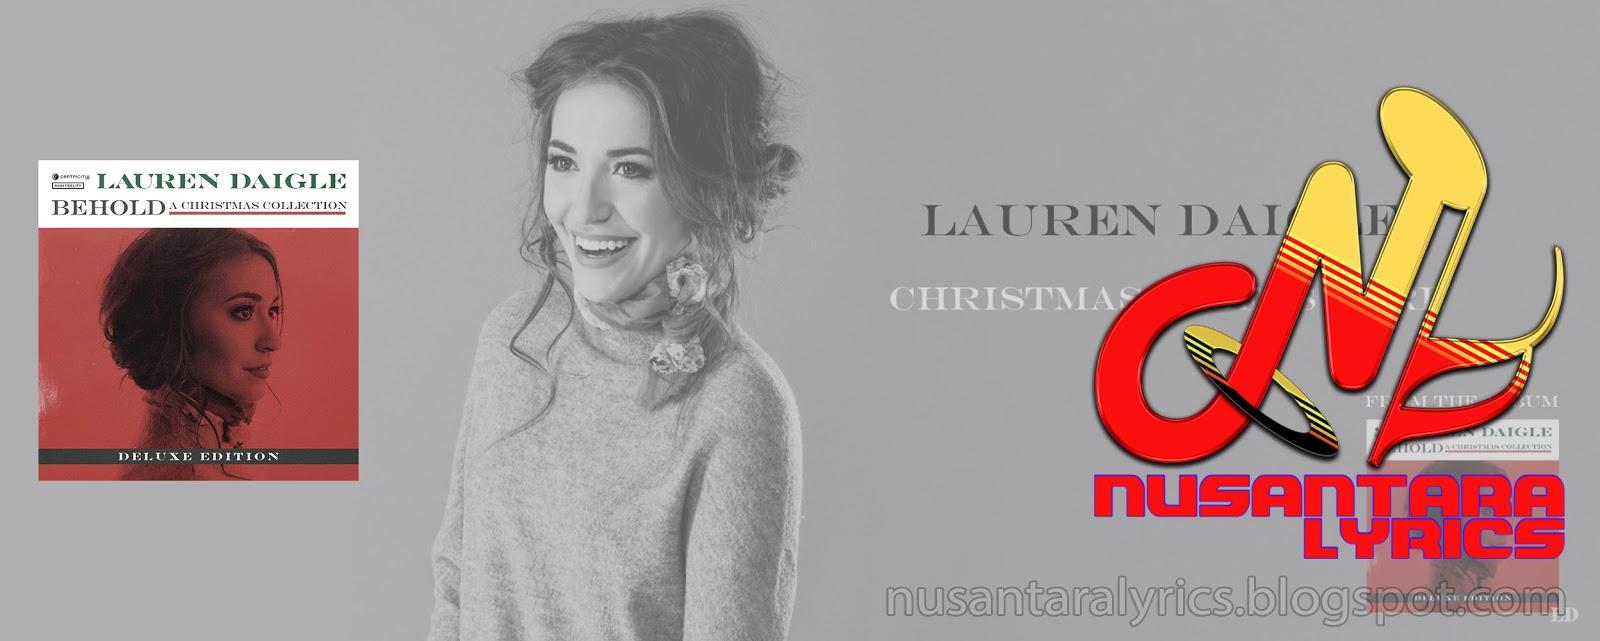 Lauren Daigle Christmas.Lauren Daigle Christmas Time Is Here Nusantara Lyrics